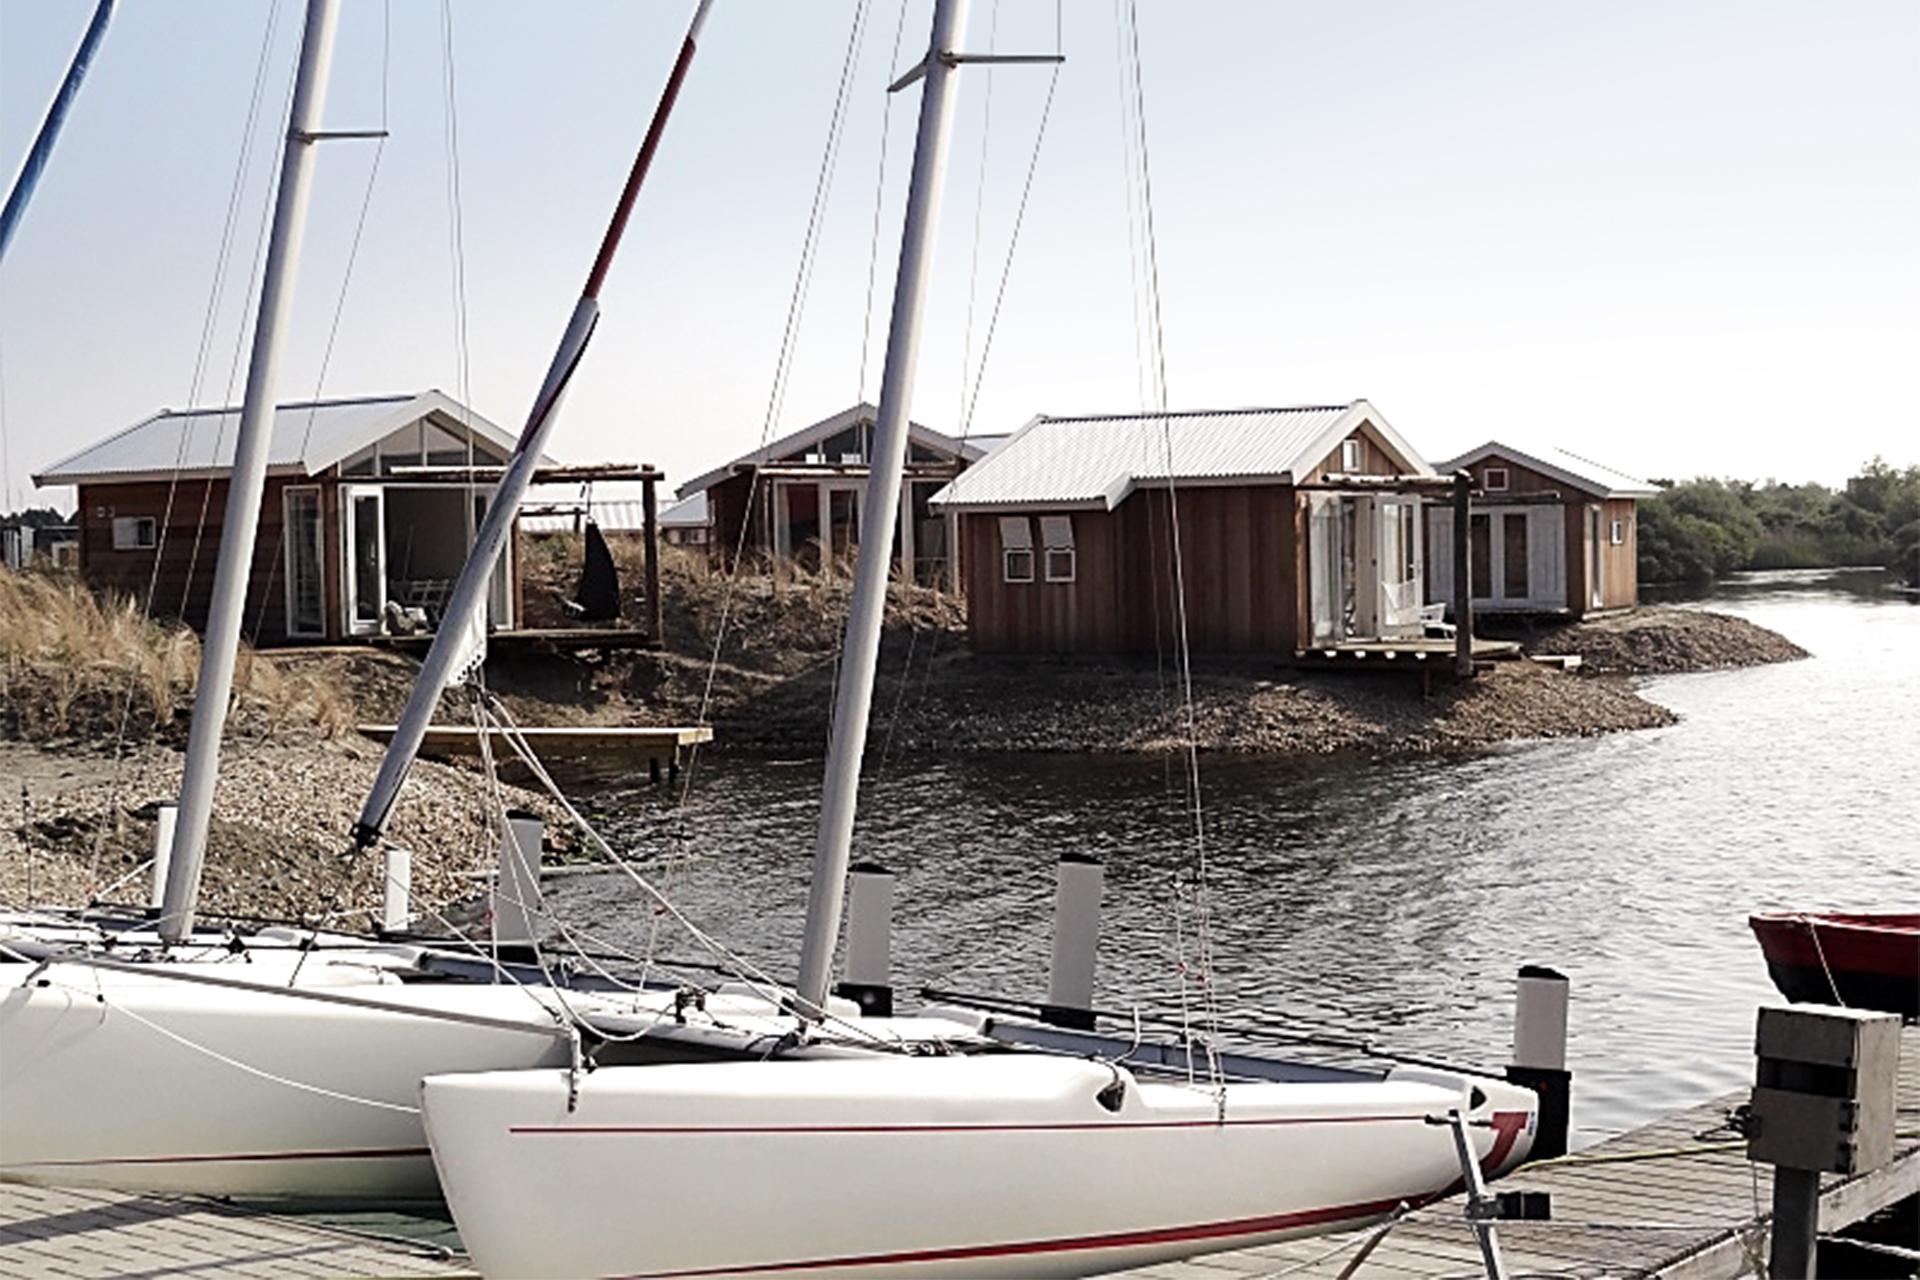 Beach Lodges Zeil- en Surfcentrum (Brouwersdam) - lodges